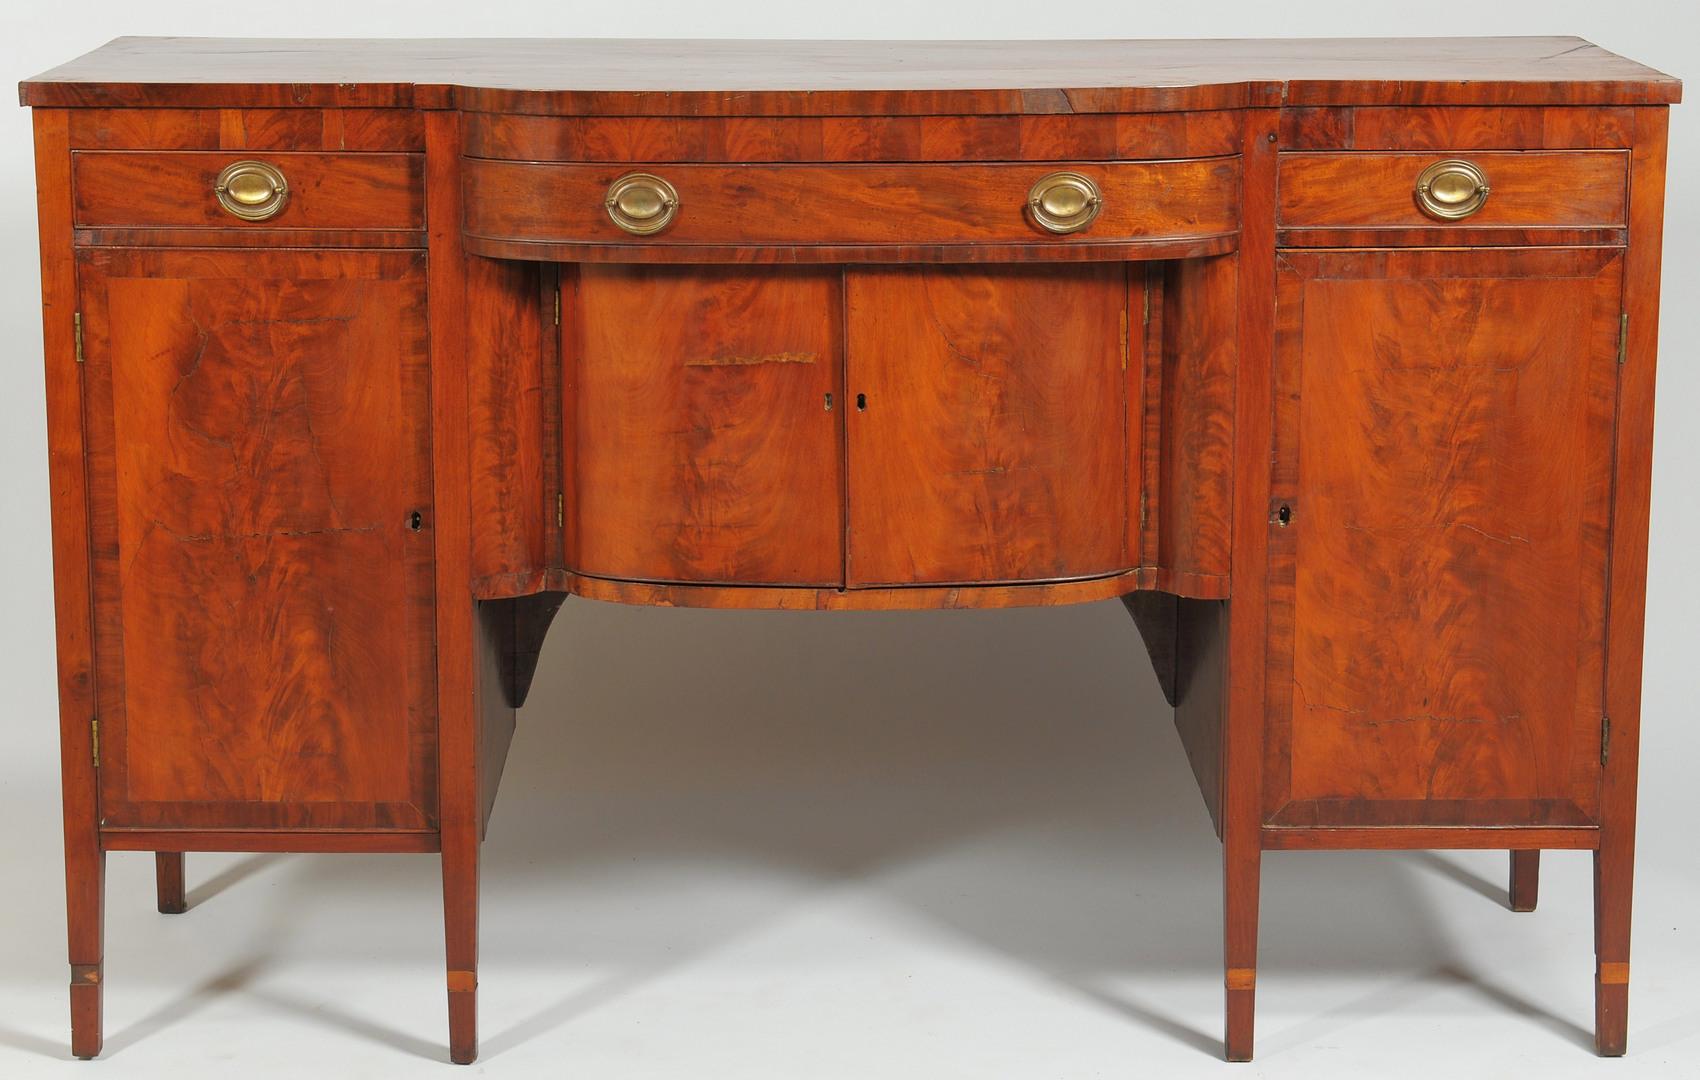 Lot 312: Federal mahogany sideboard, circa 1800